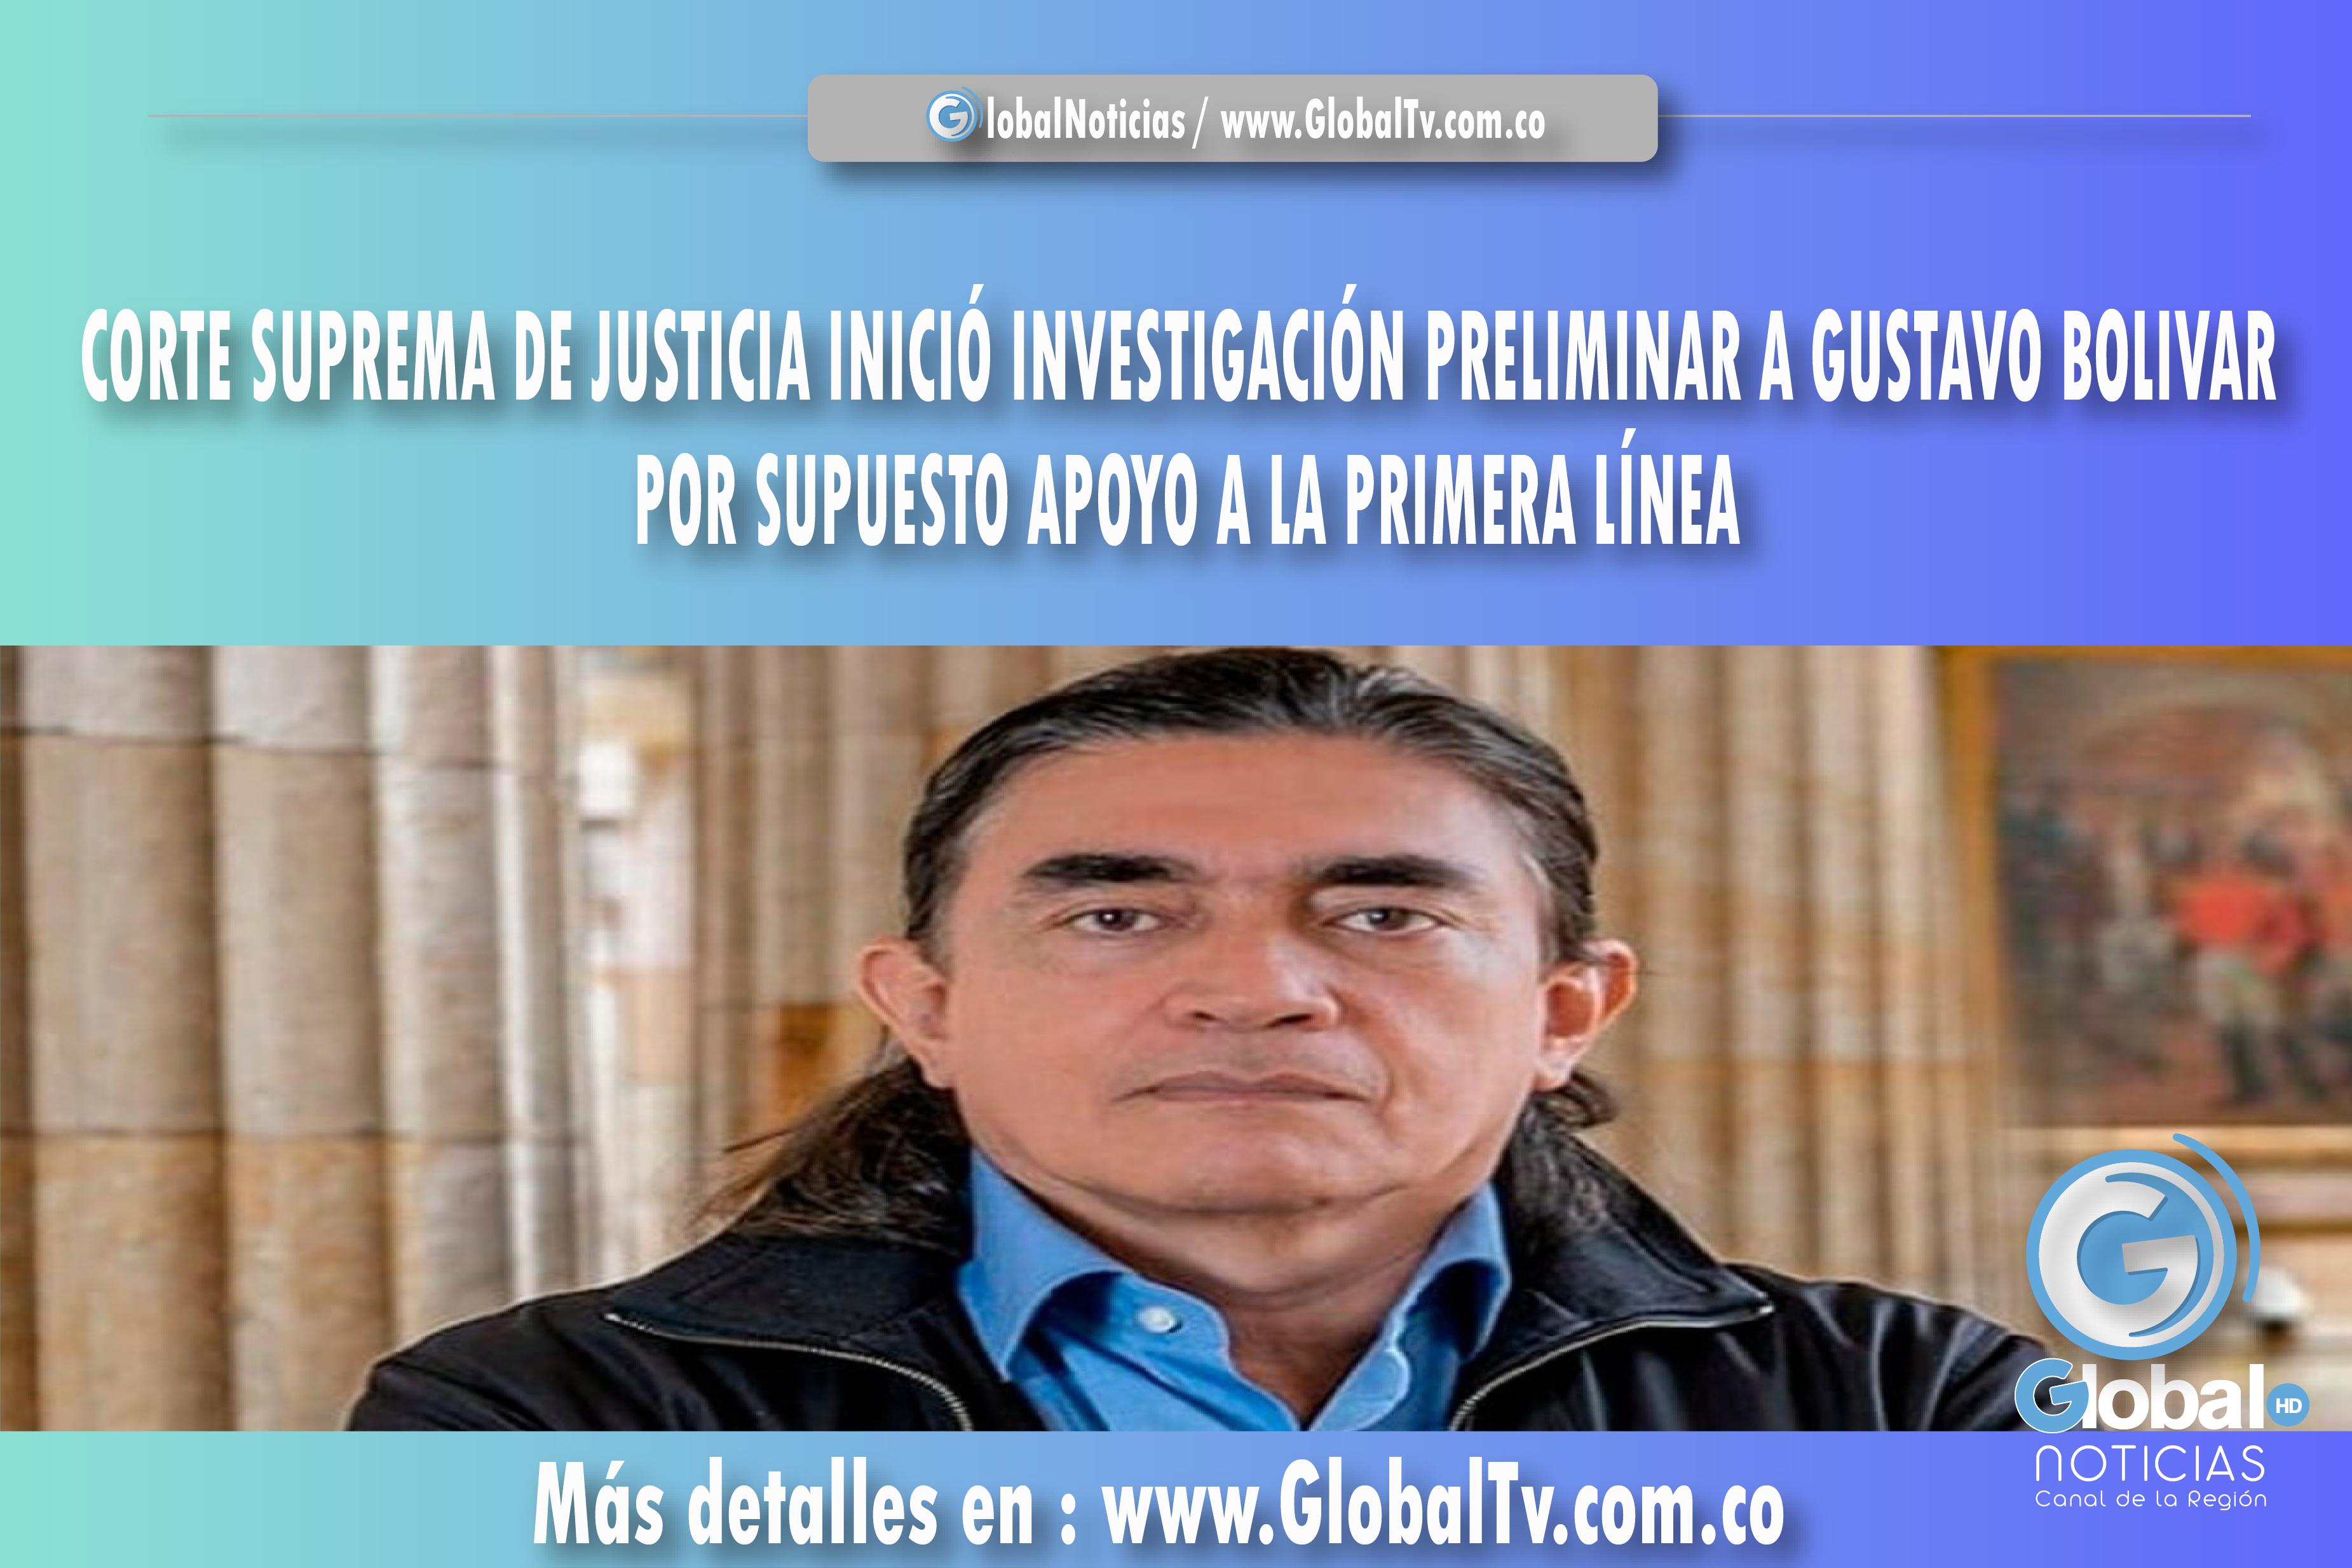 CORTE SUPREMA DE JUSTICIA INICIÓ INVESTIGACIÓN PRELIMINAR A GUSTAVO BOLIVAR POR SUPUESTO APOYO A LA PRIMERA LÍNEA